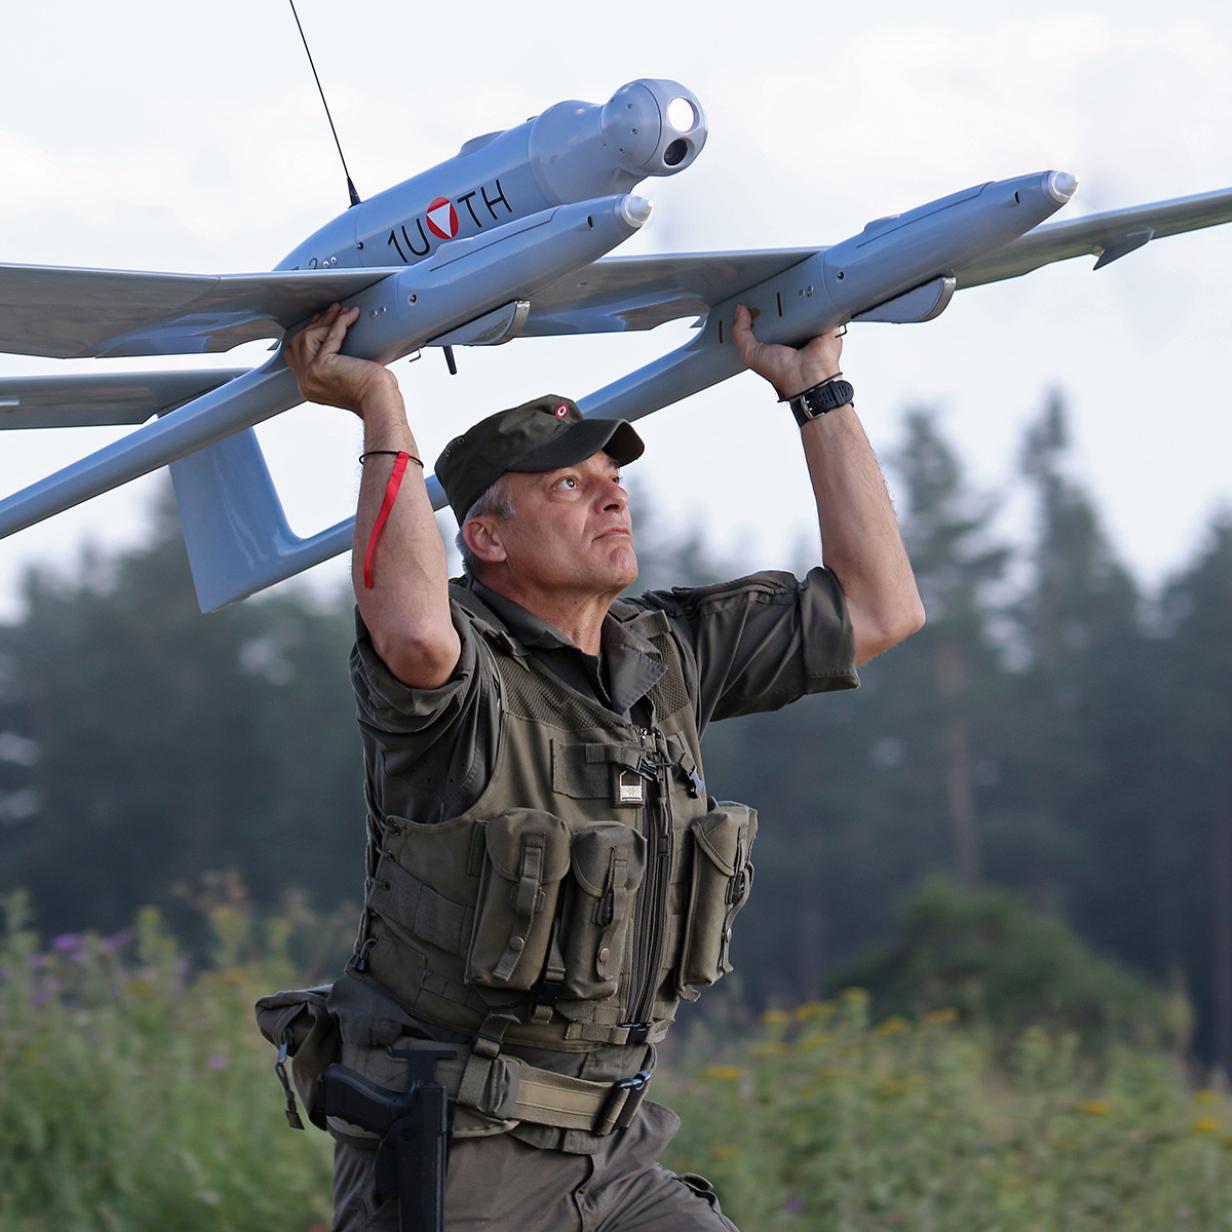 Millionenteure Bundesheer-Drohnen nicht für Regen geeignet